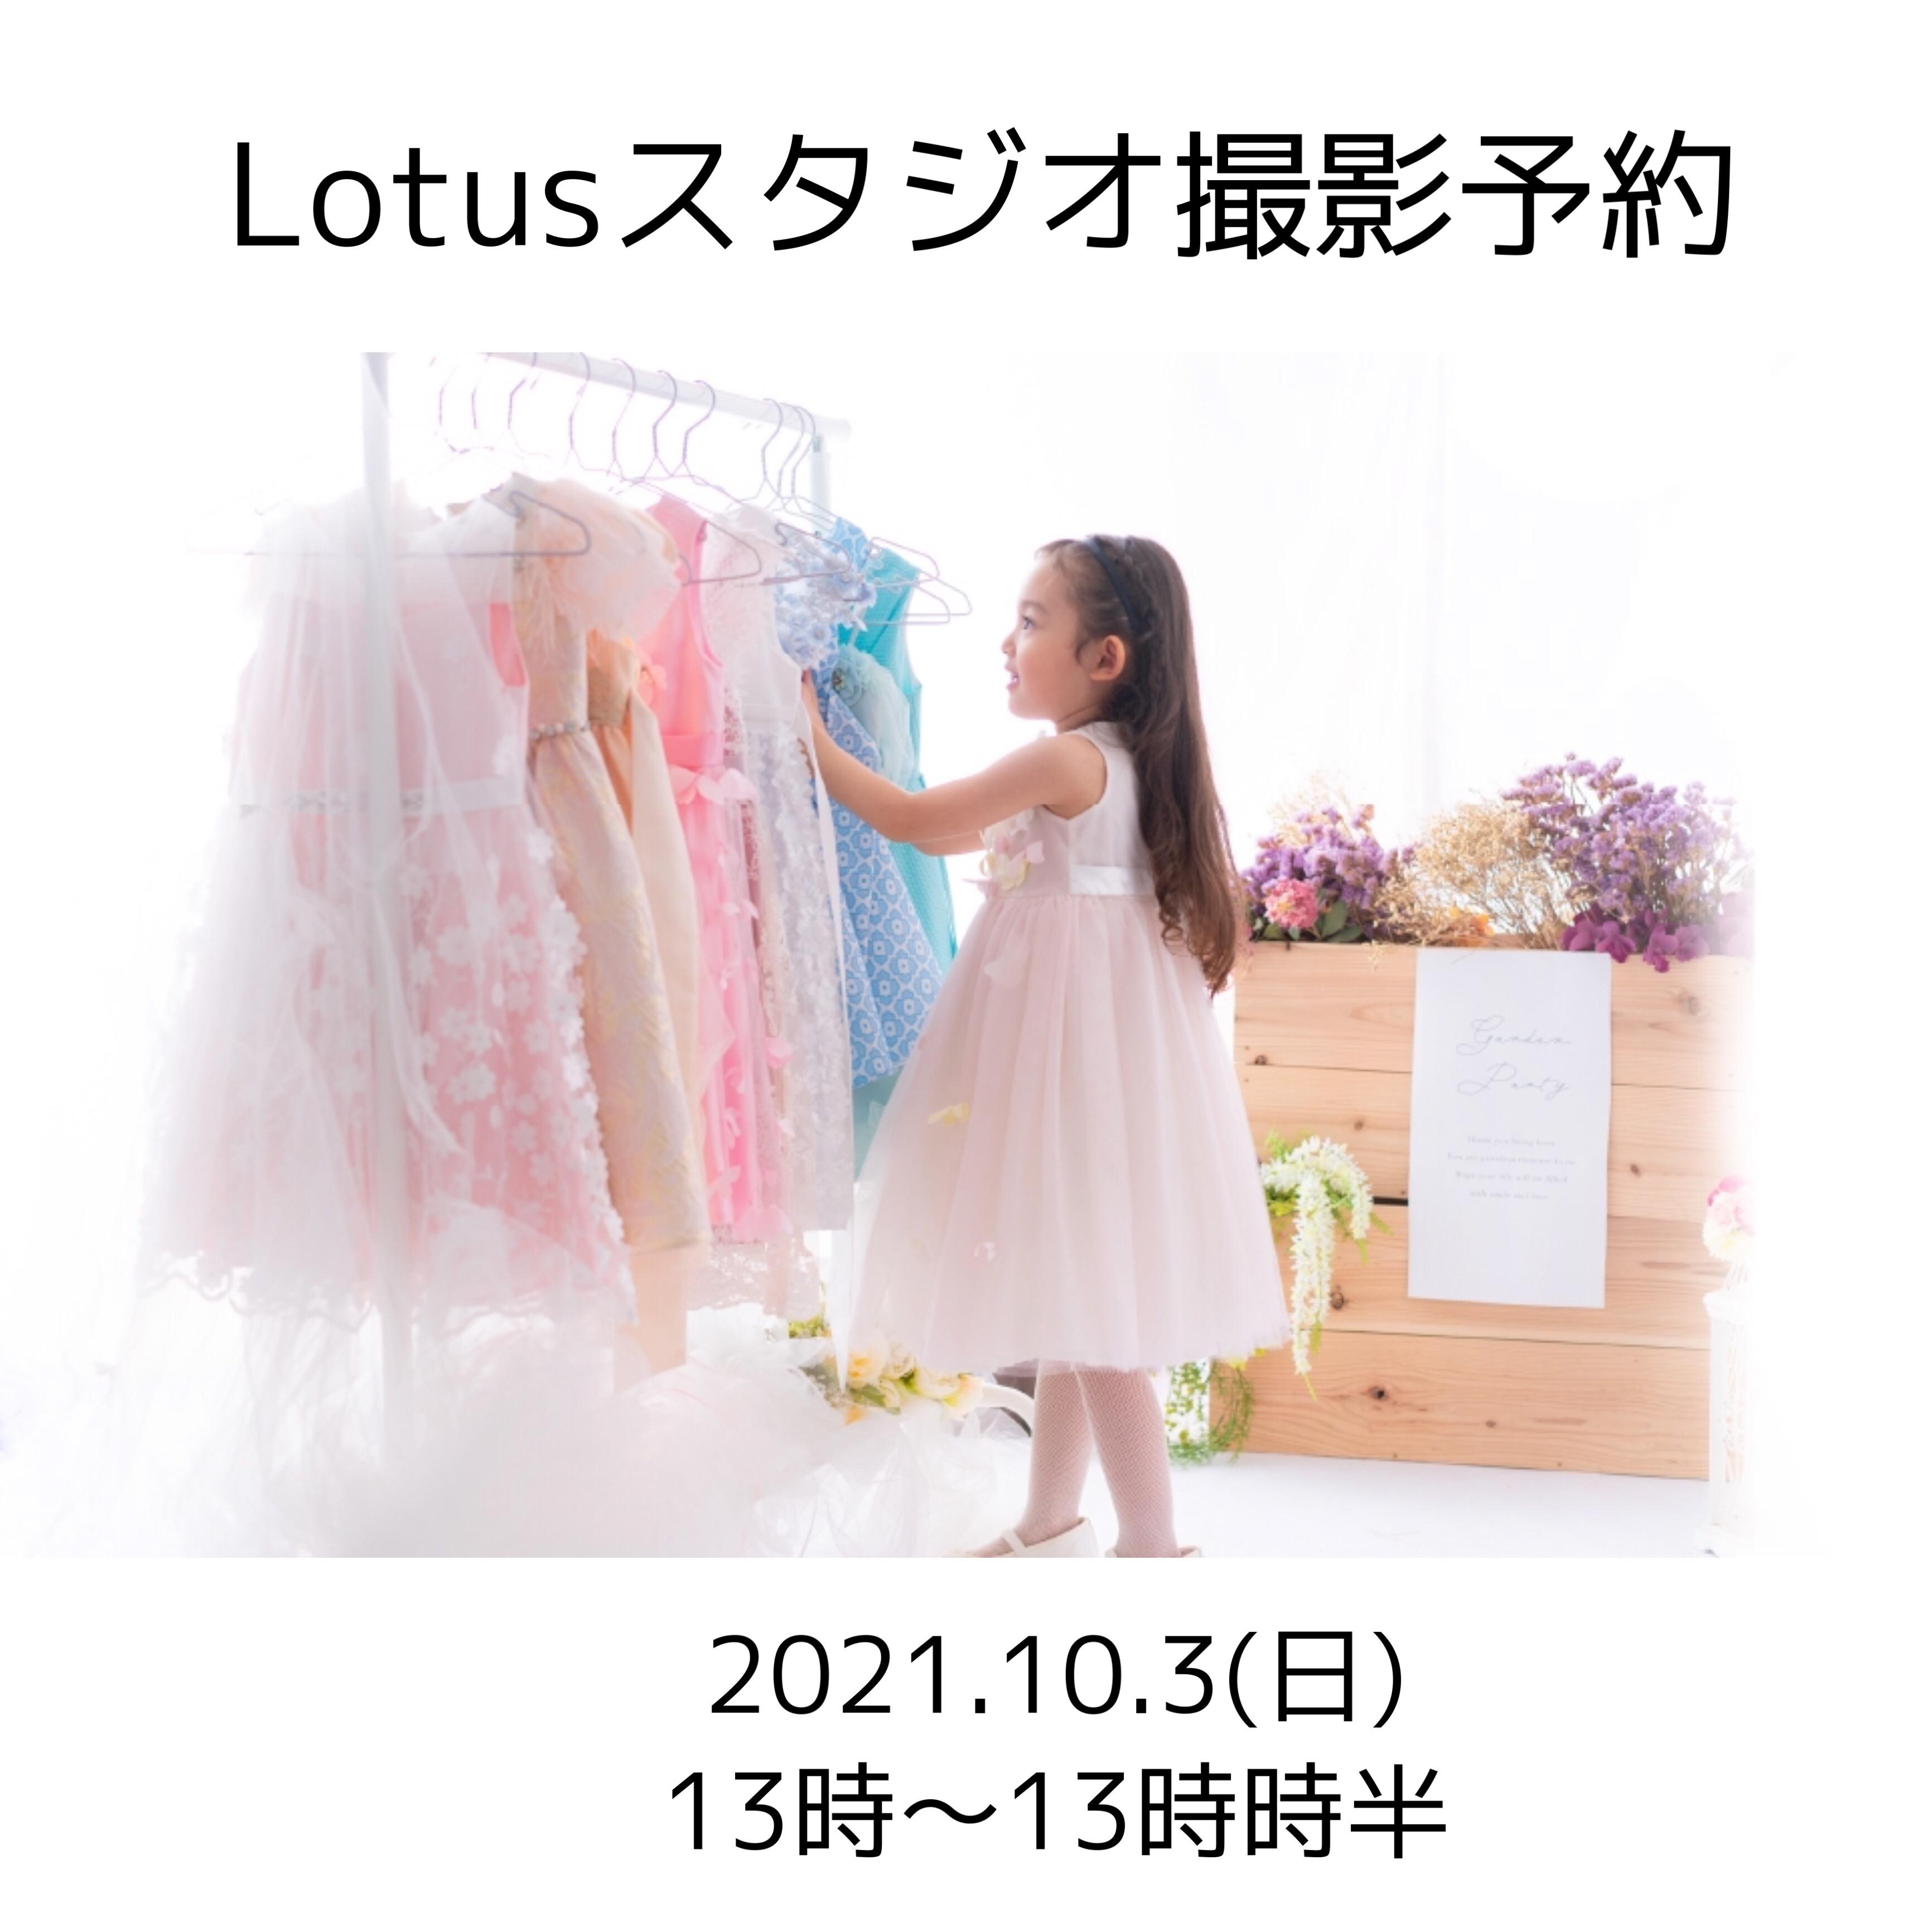 スタジオLotus/GardenParty撮影プラン2021.10.3(日)13時~13時半